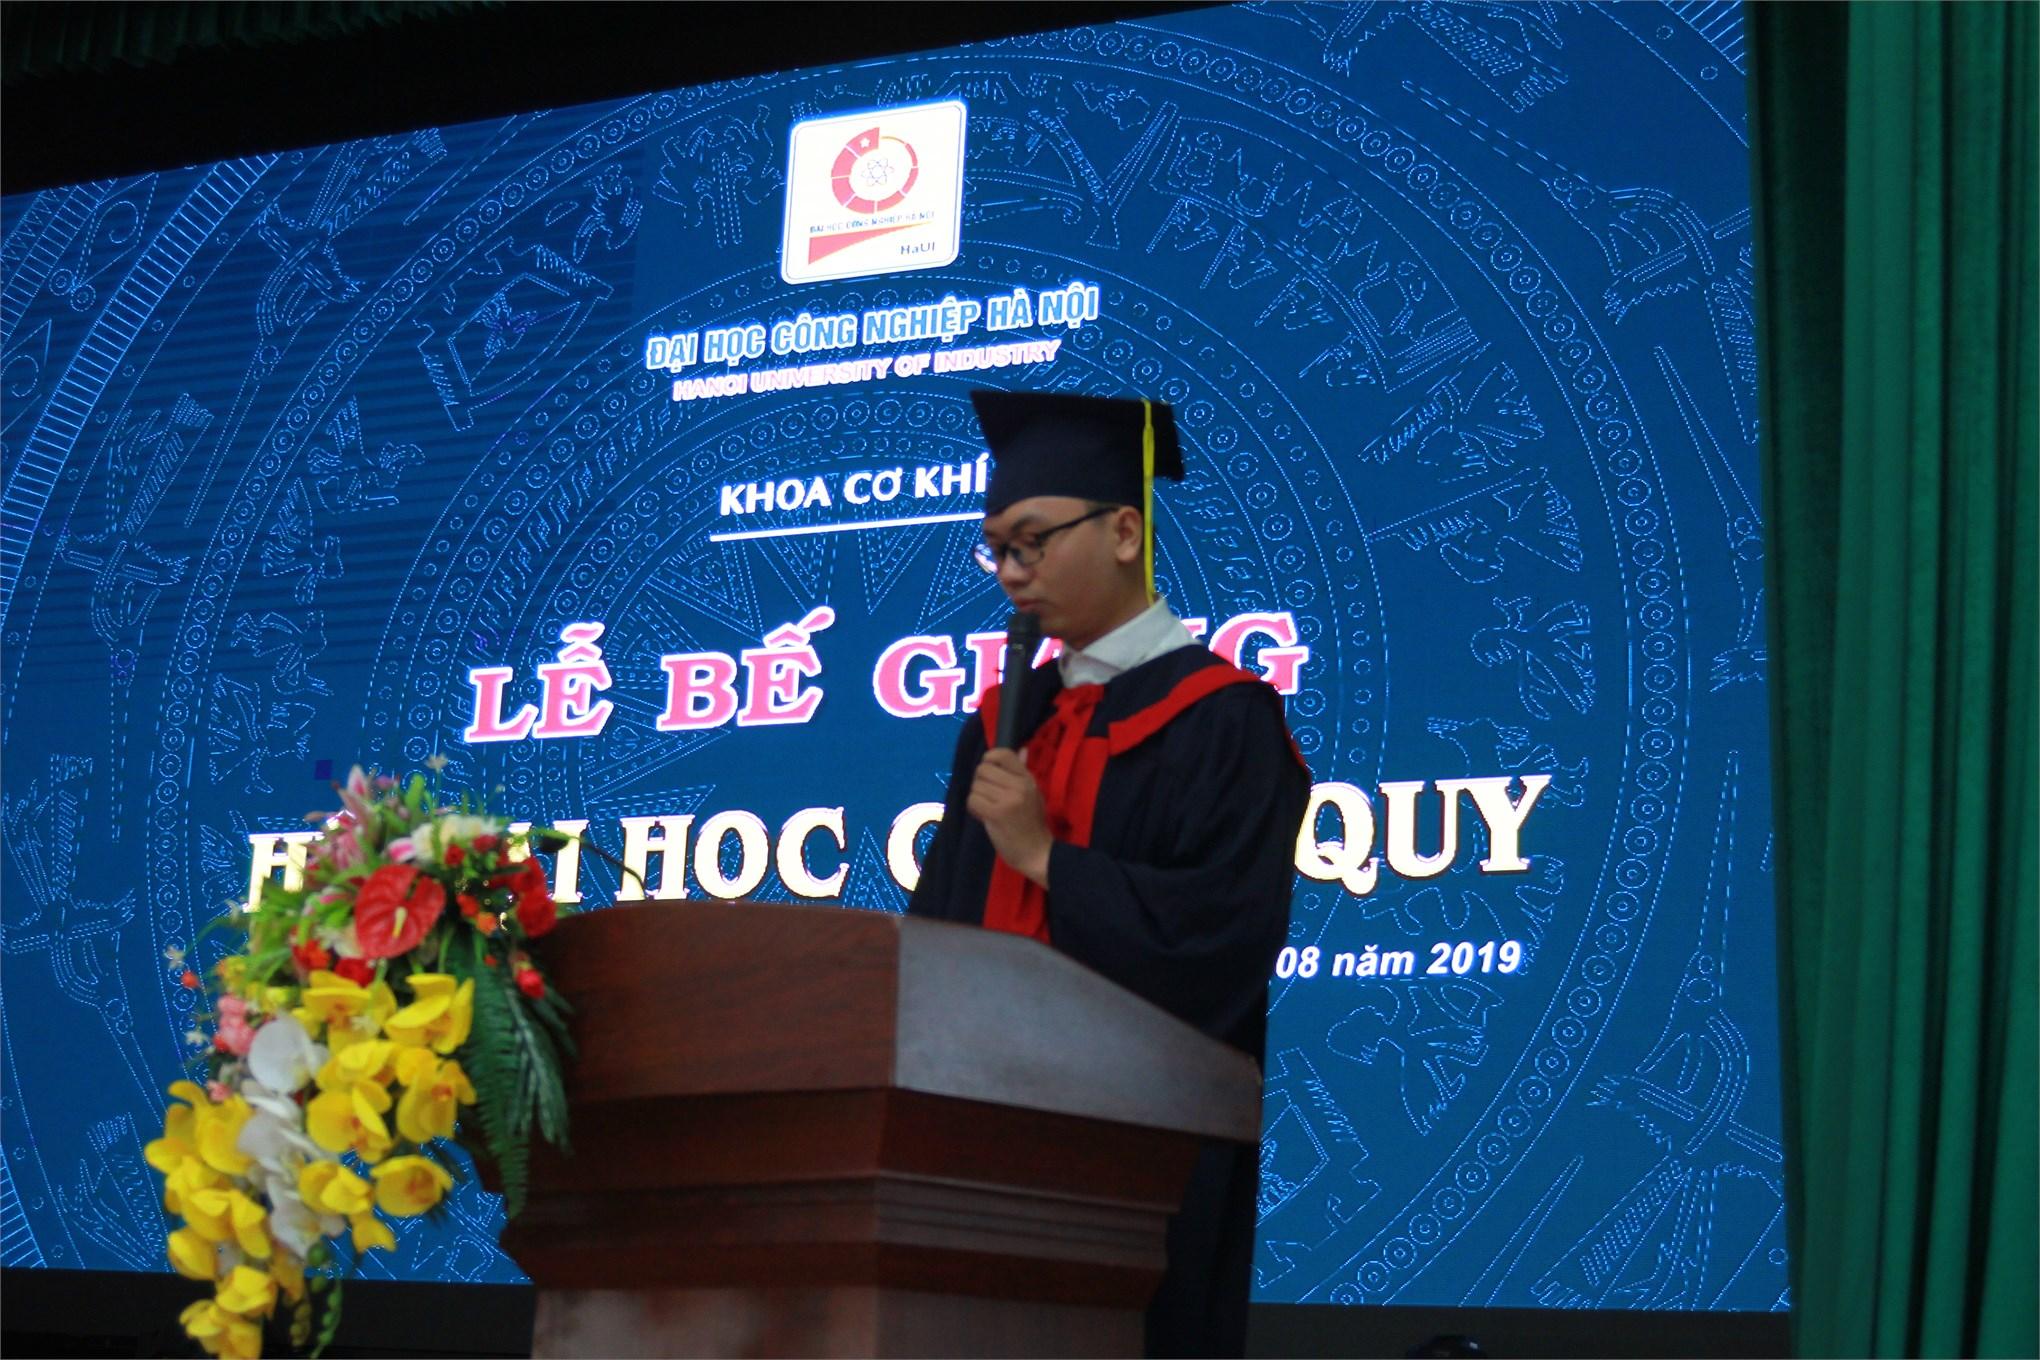 Những khoảnh khắc đáng nhớ trong Lễ bế giảng cho sinh viên đại học chính quy khóa 10